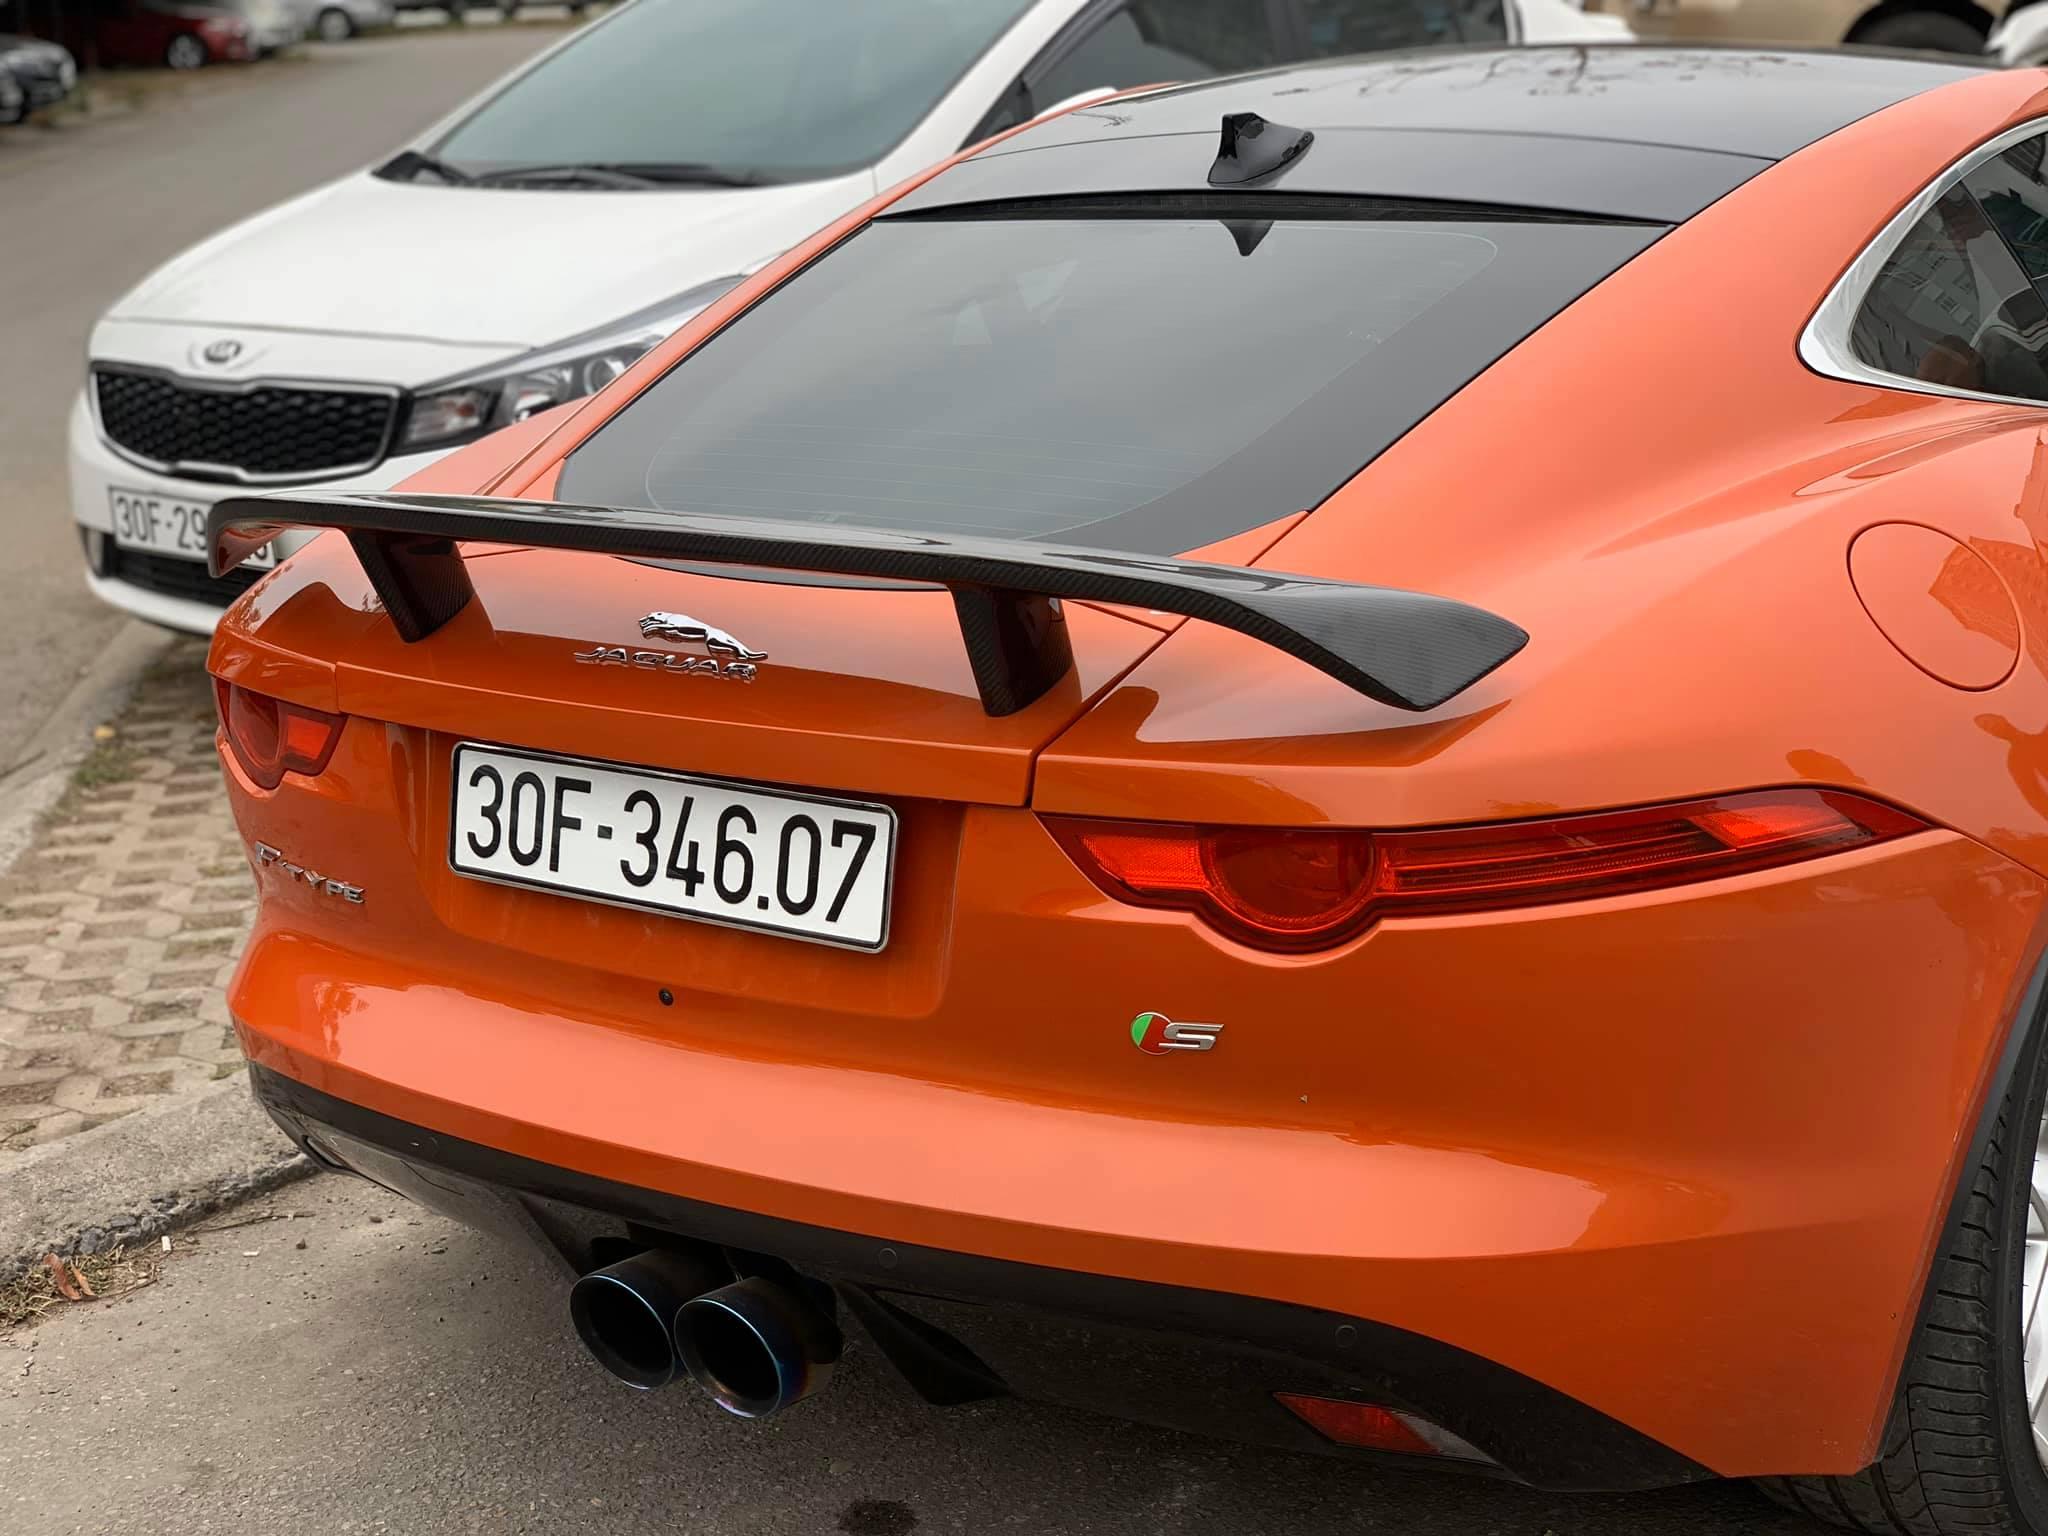 Siêu xe Jaguar F-type S 2016